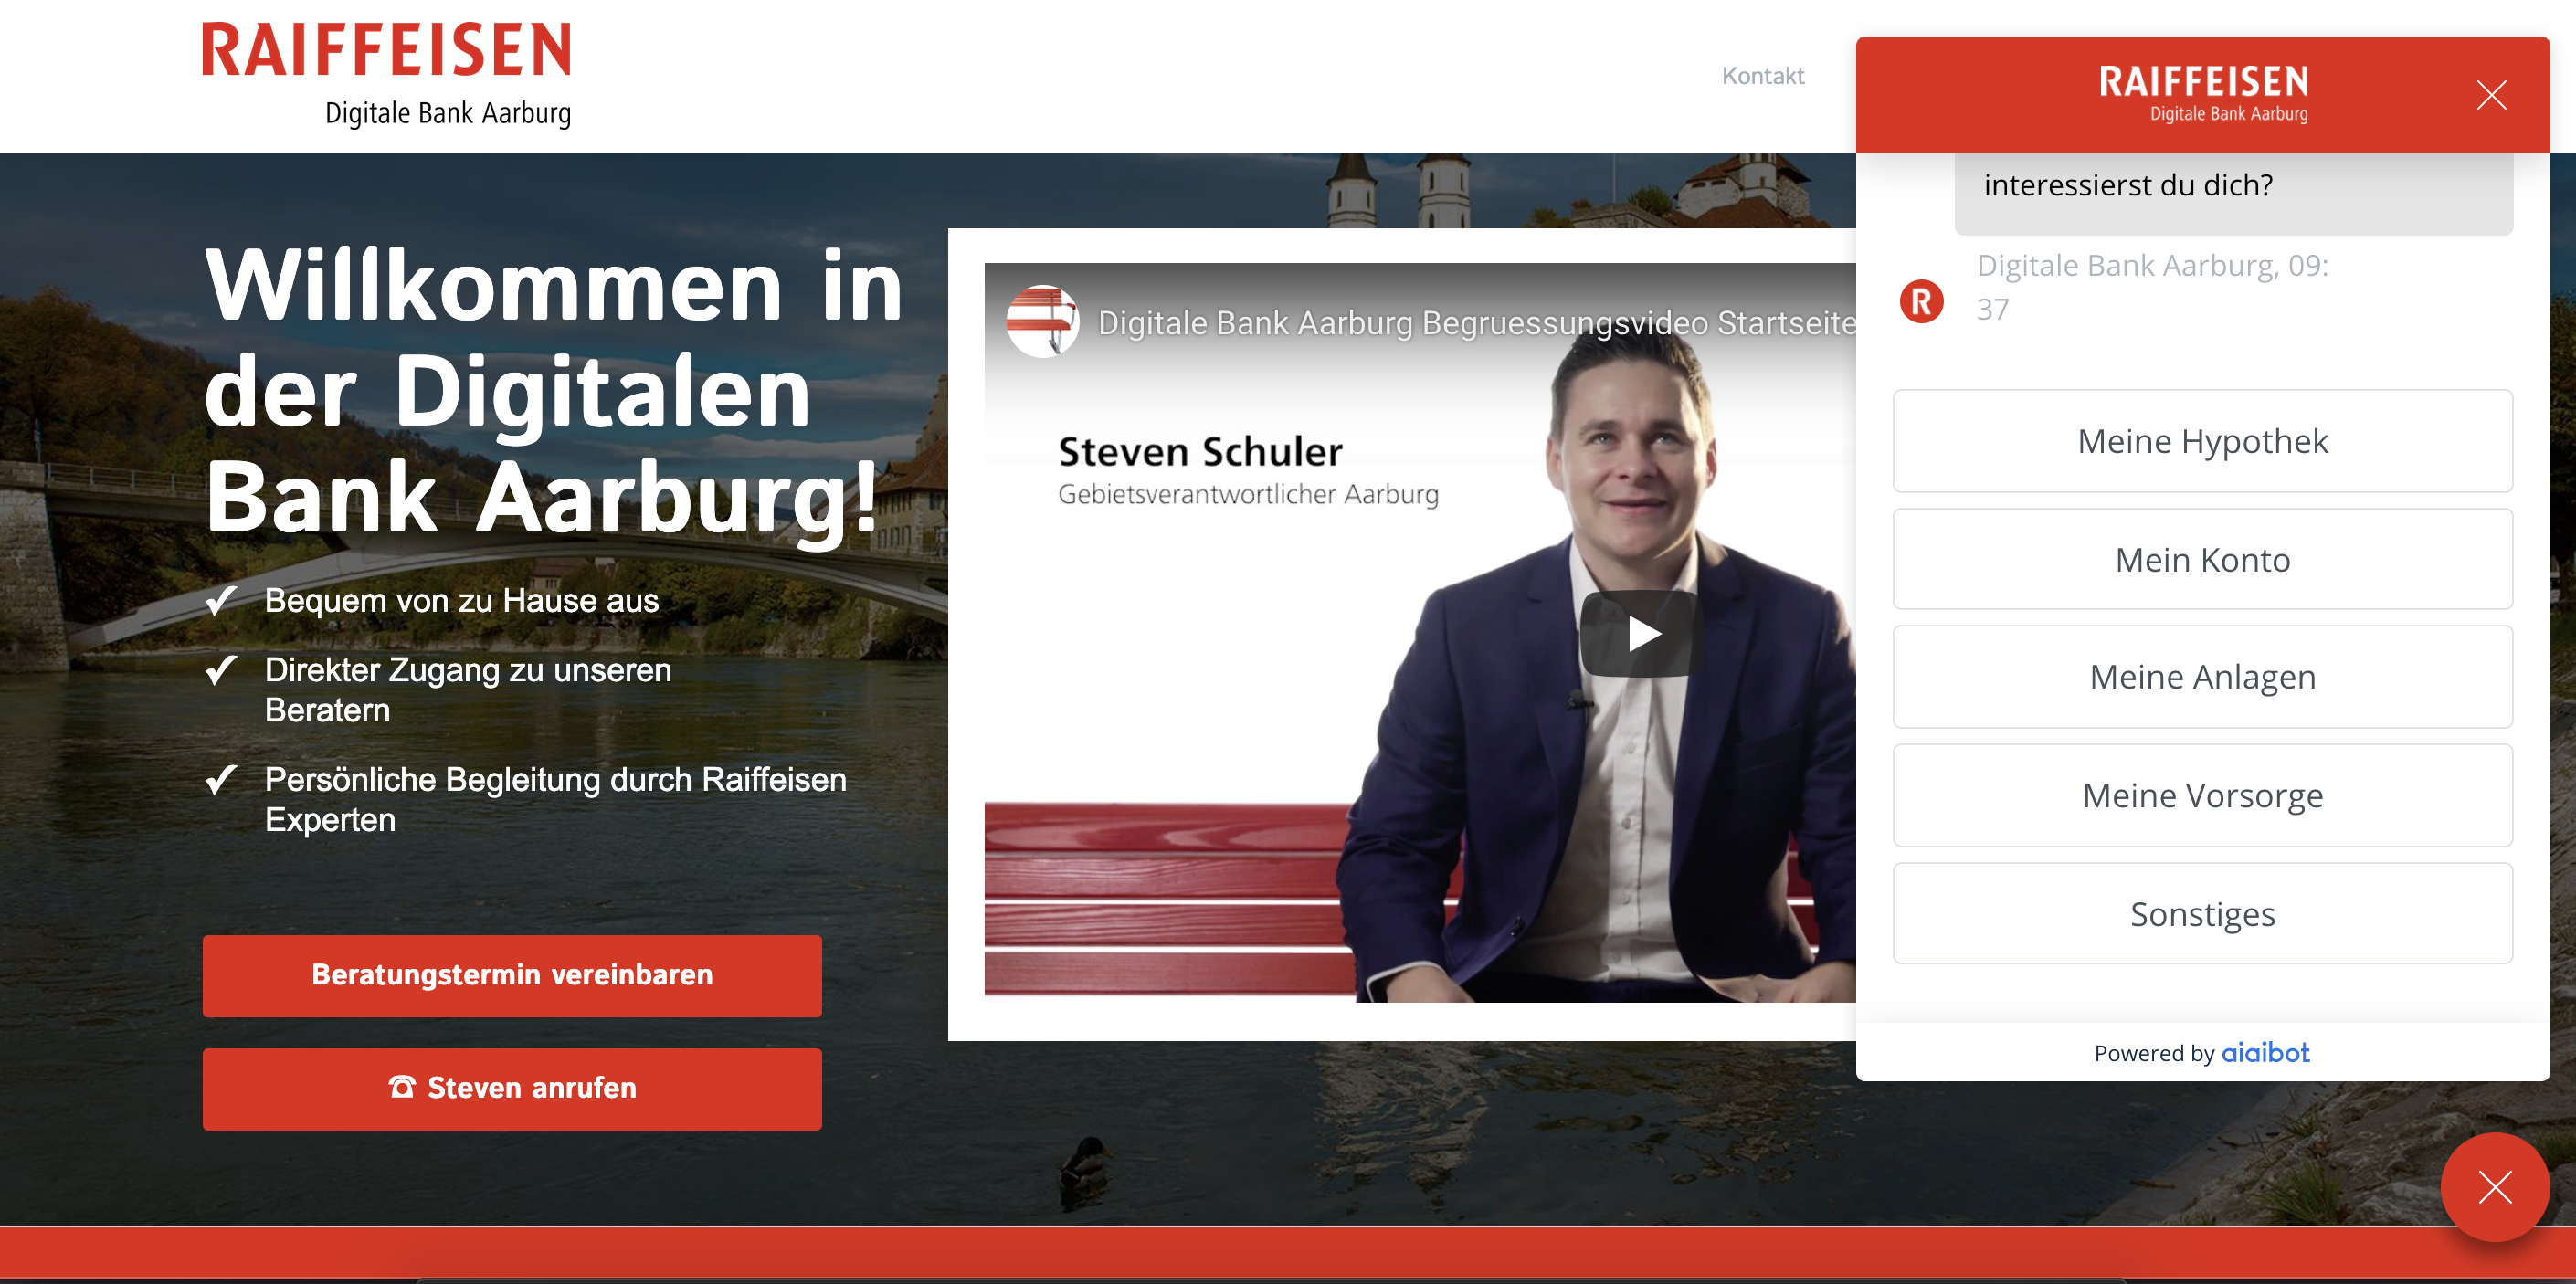 Raiffeisen - Digitale Bank Aarburg mit Chatbot